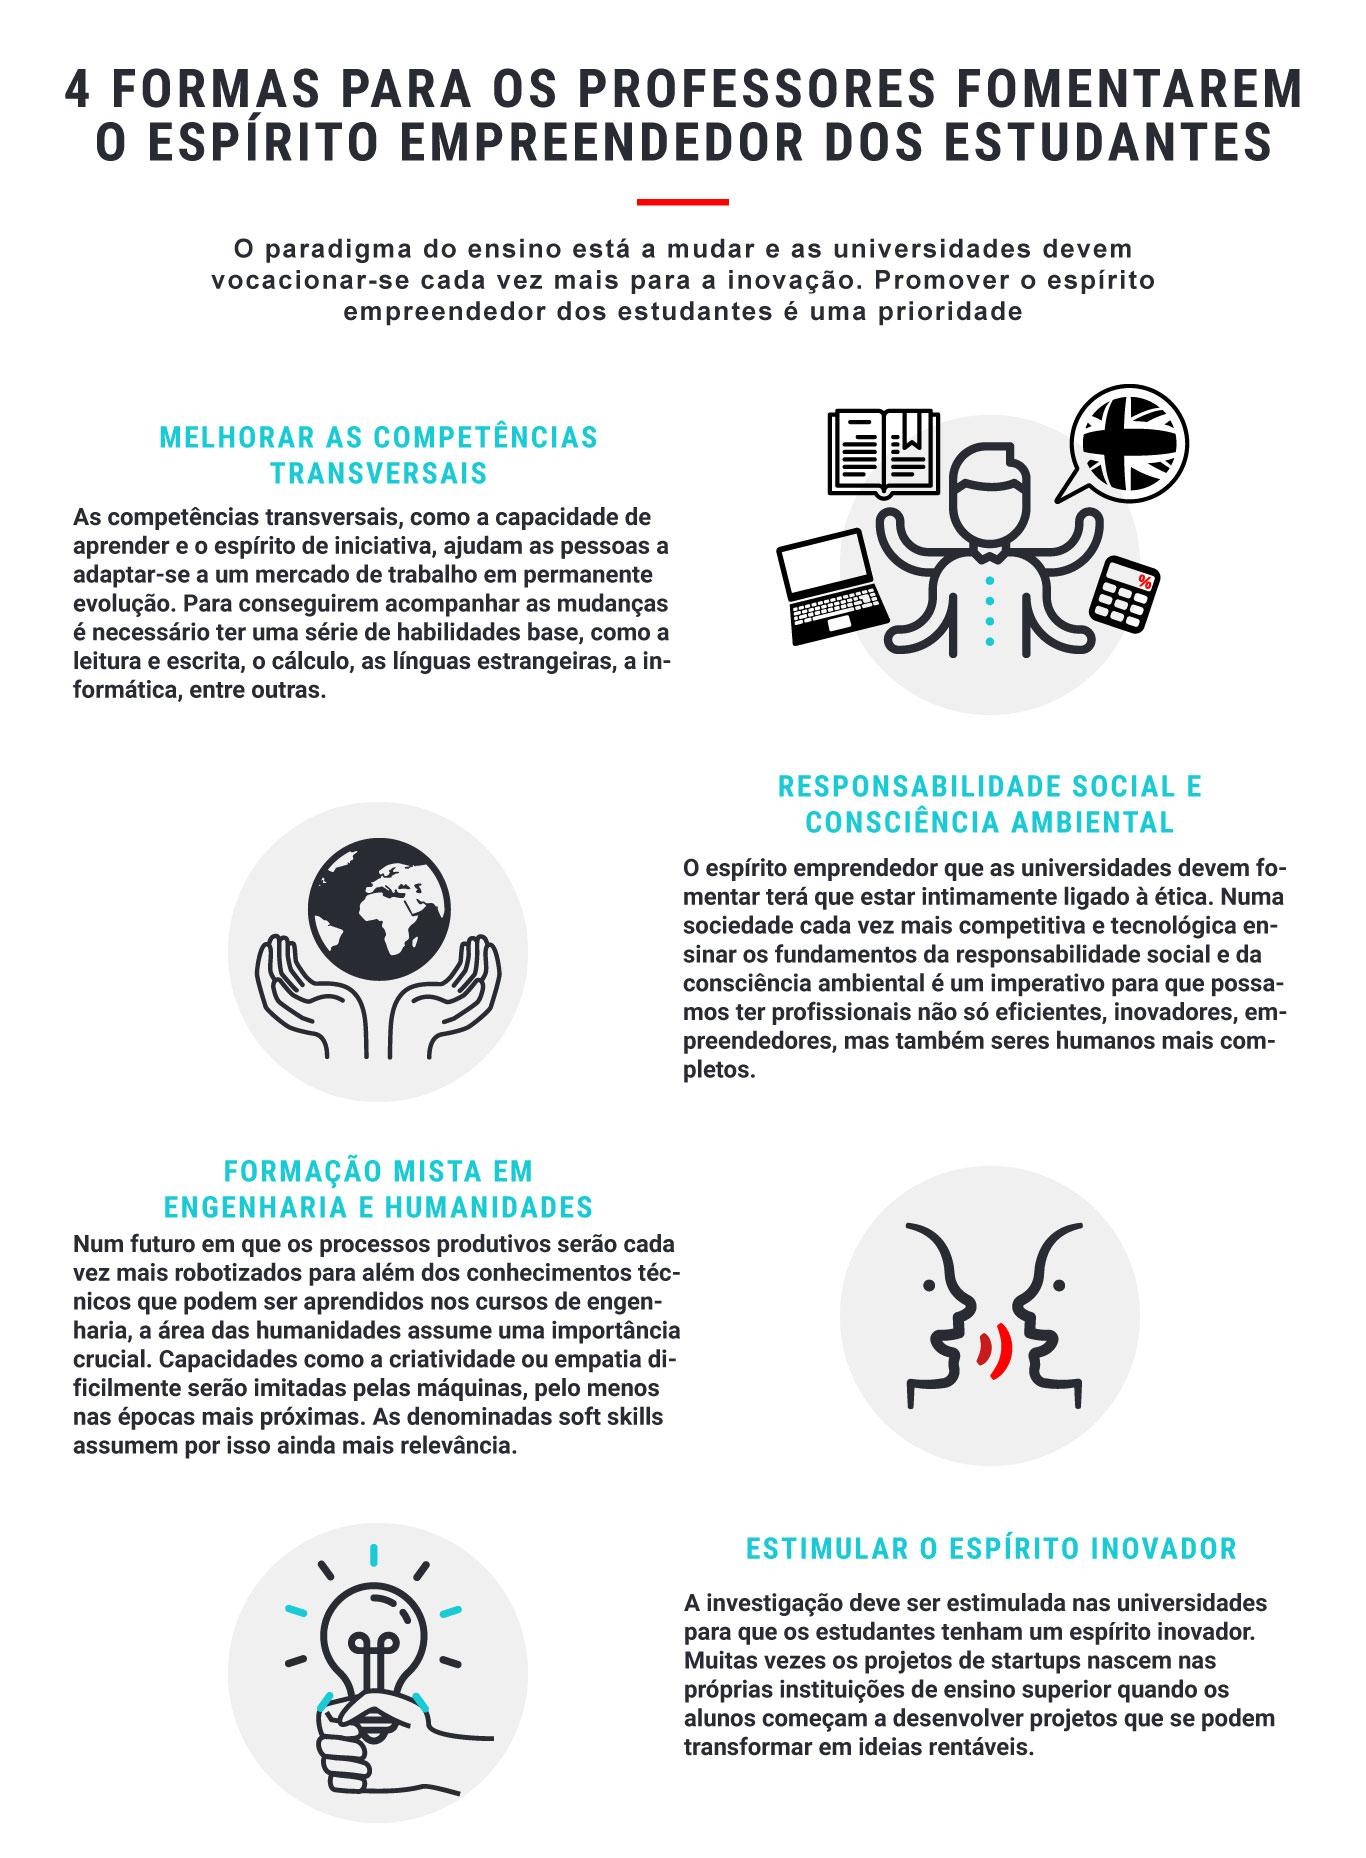 Infografía: 4 formas para os professores fomentarem o espírito empreendedor dos estudantes